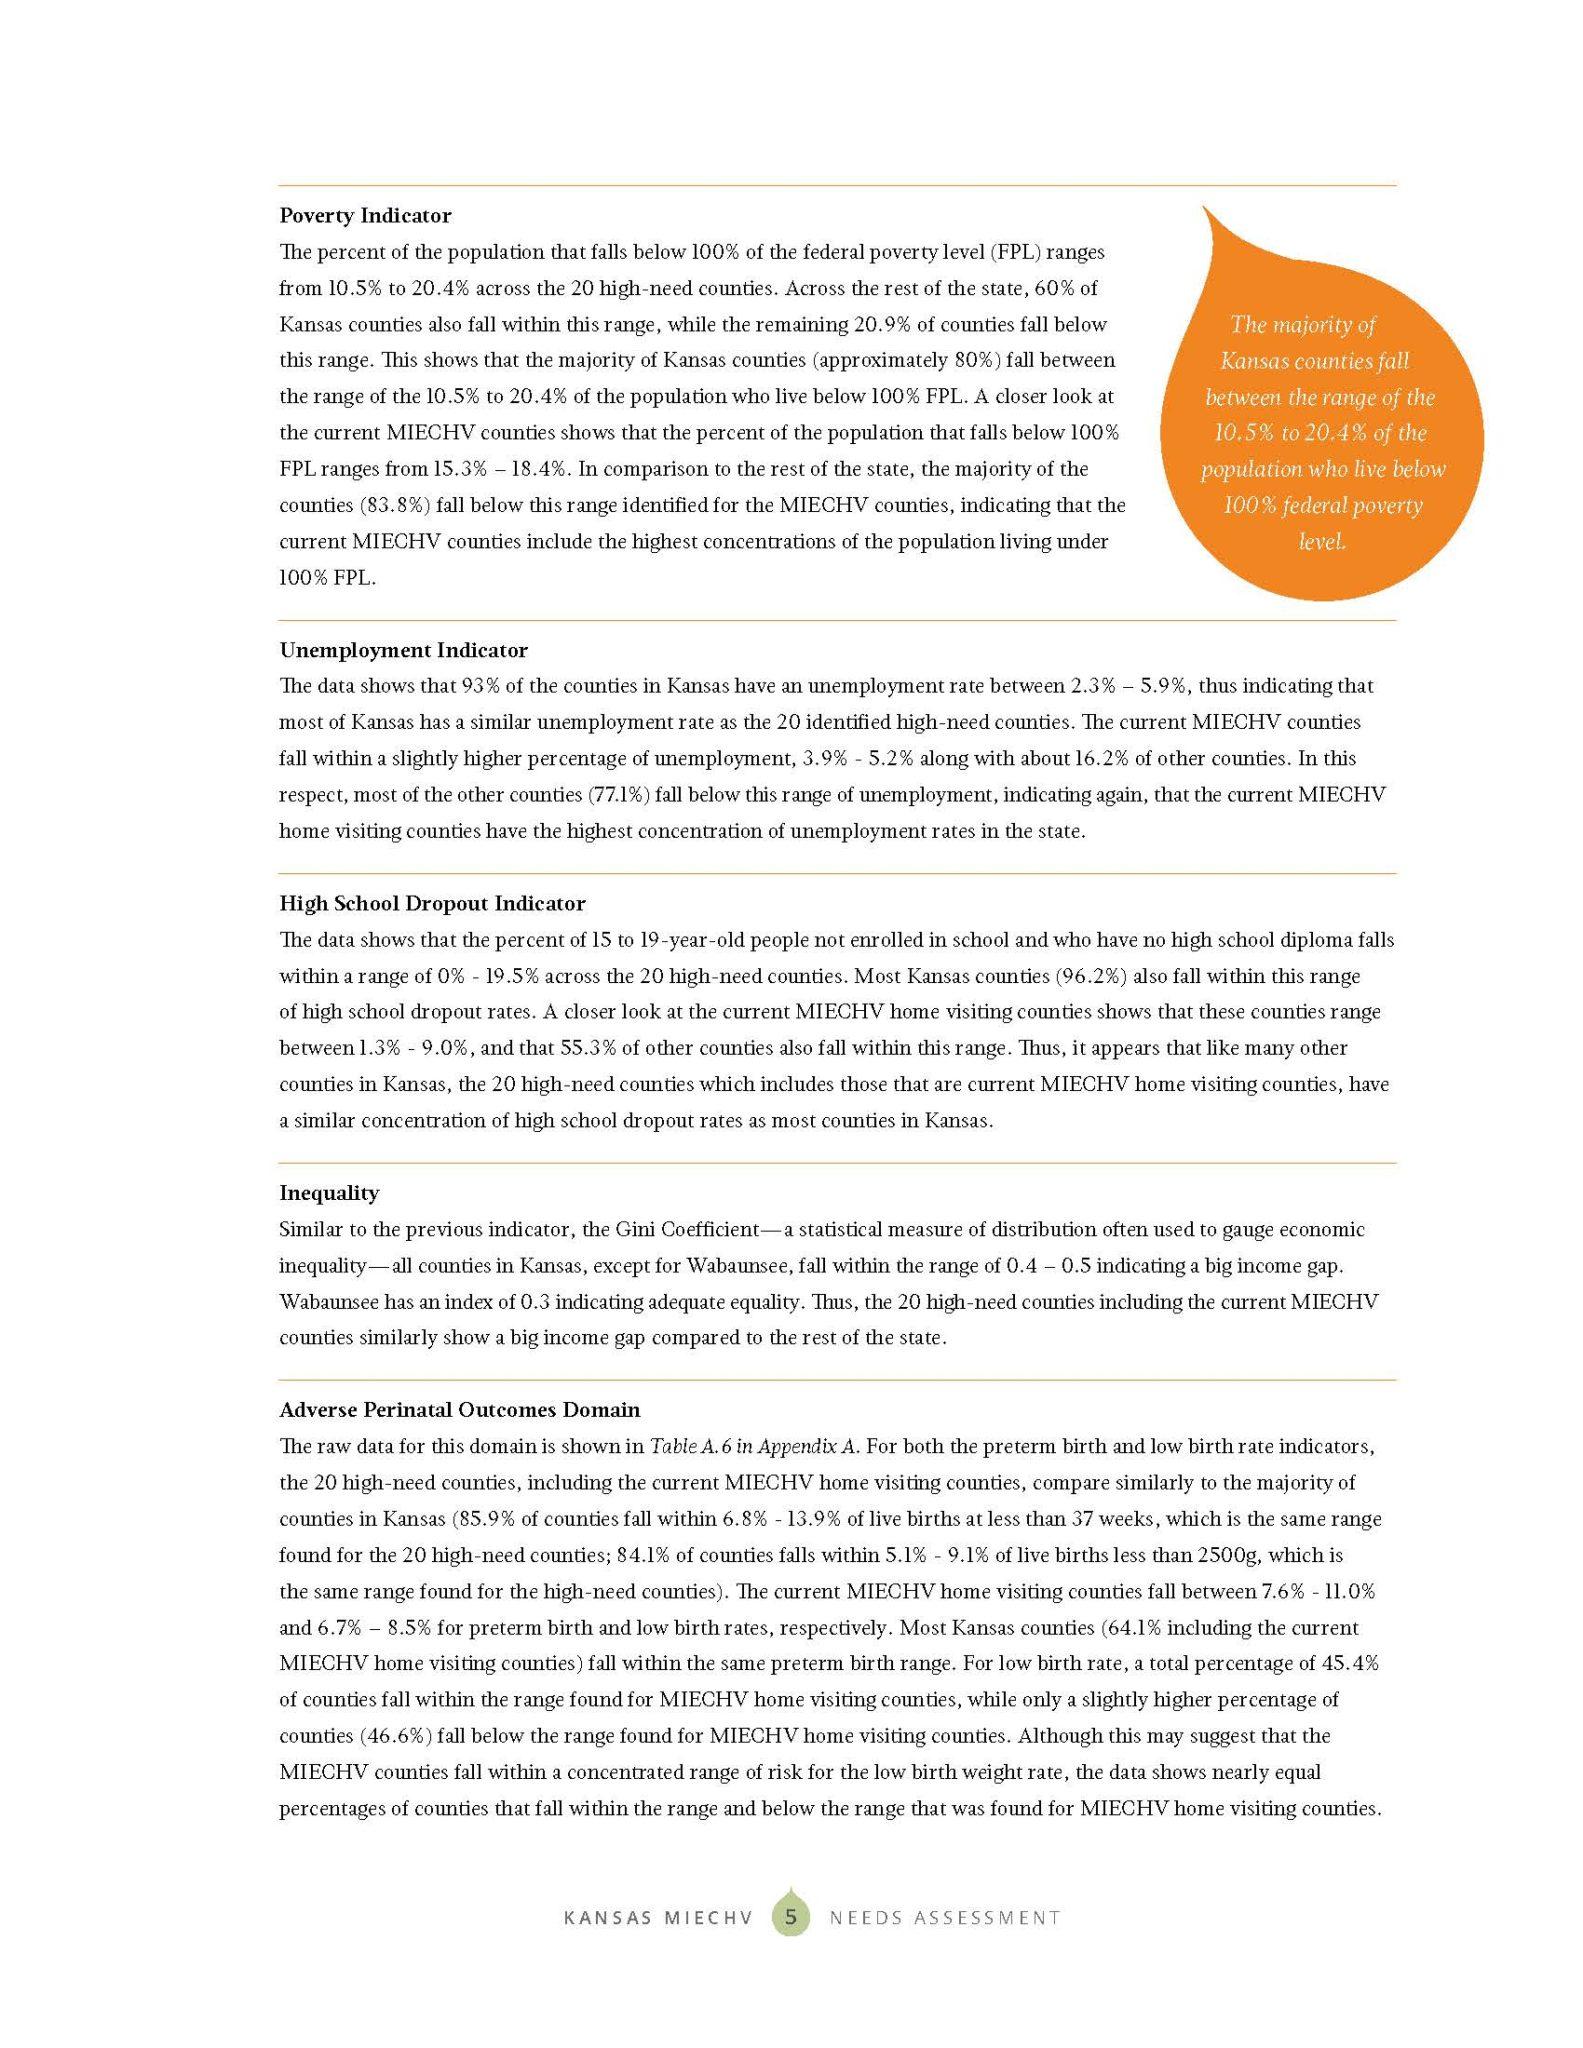 KS MIECHV 2020 Needs Assessment_DIGITAL_Page_013